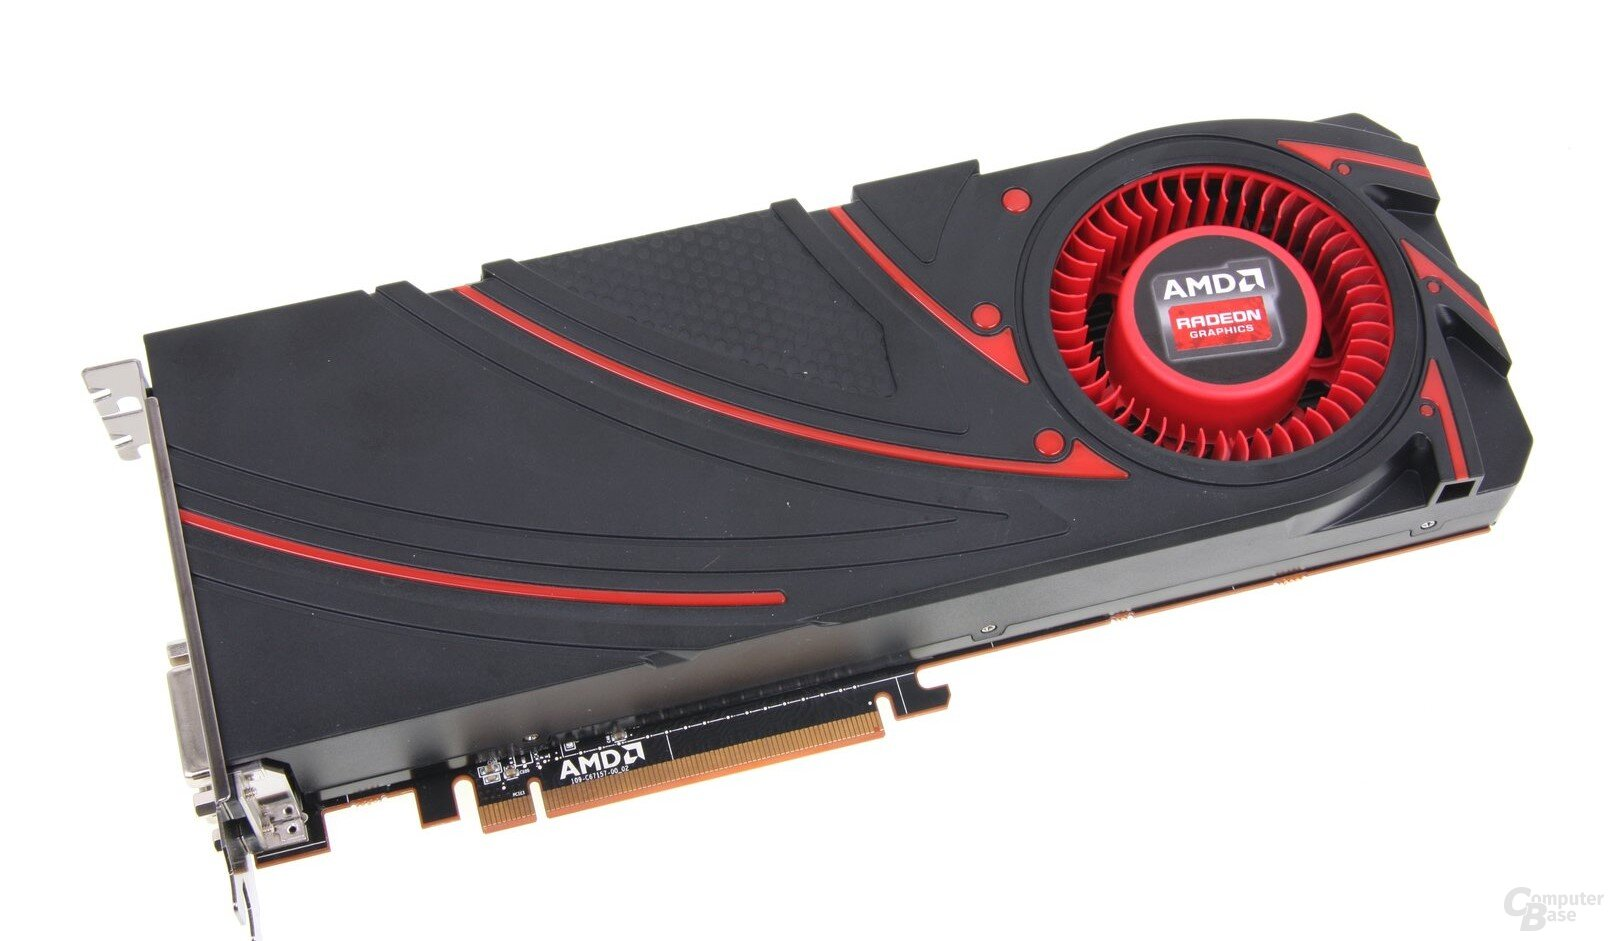 AMD Radeon R9 290X: Eine der letzten High-End-Grafikkarten